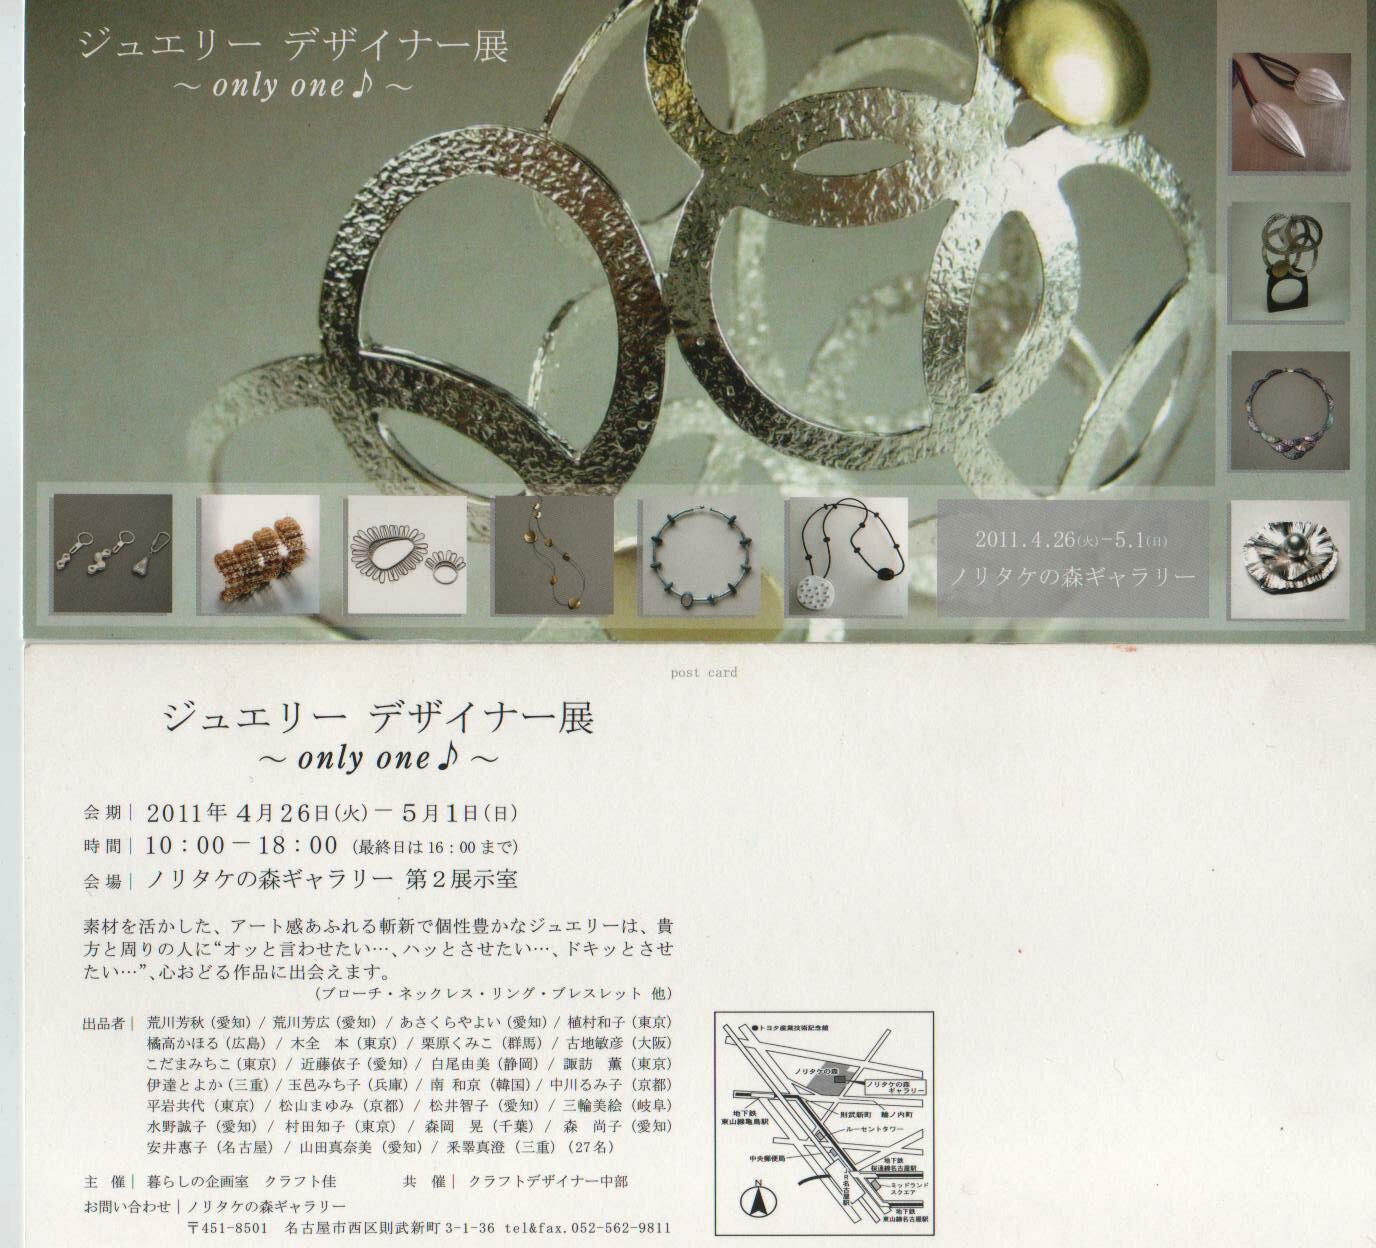 作品展のごあんない~ノリタケの森ギャラリー~_e0095418_23375362.jpg